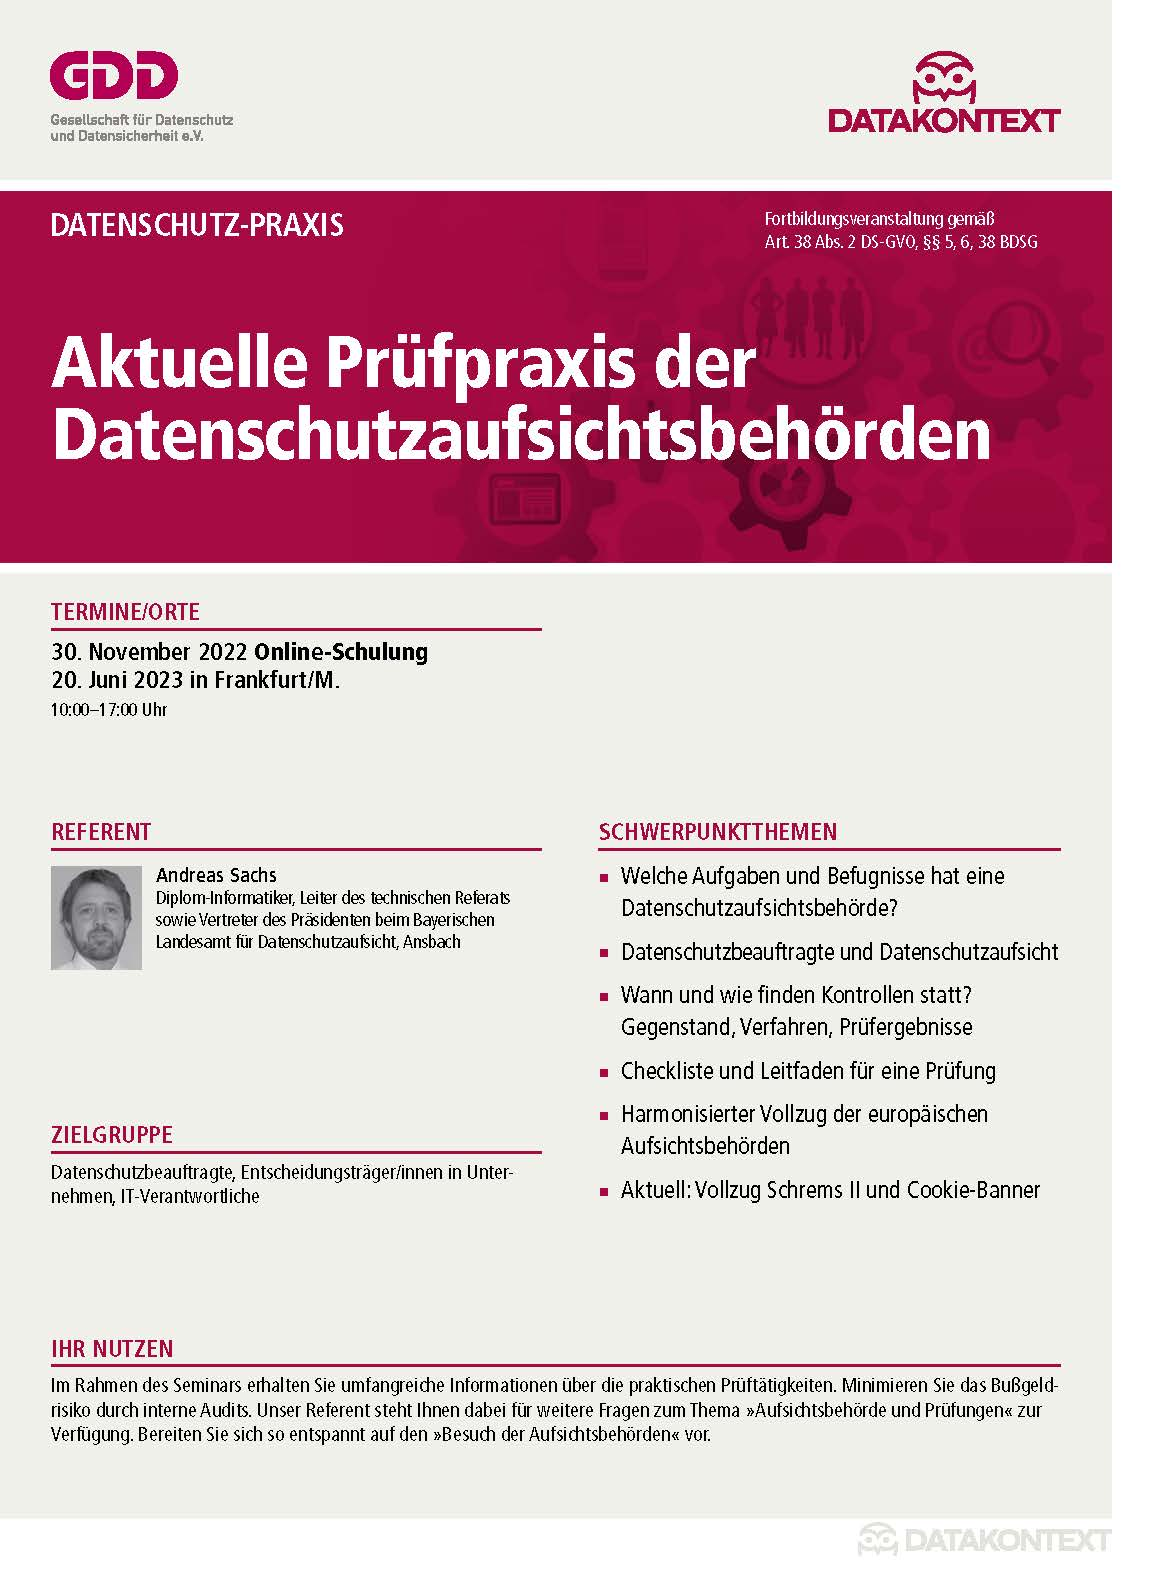 Aktuelle Prüfpraxis der Datenschutzaufsichtsbehörden